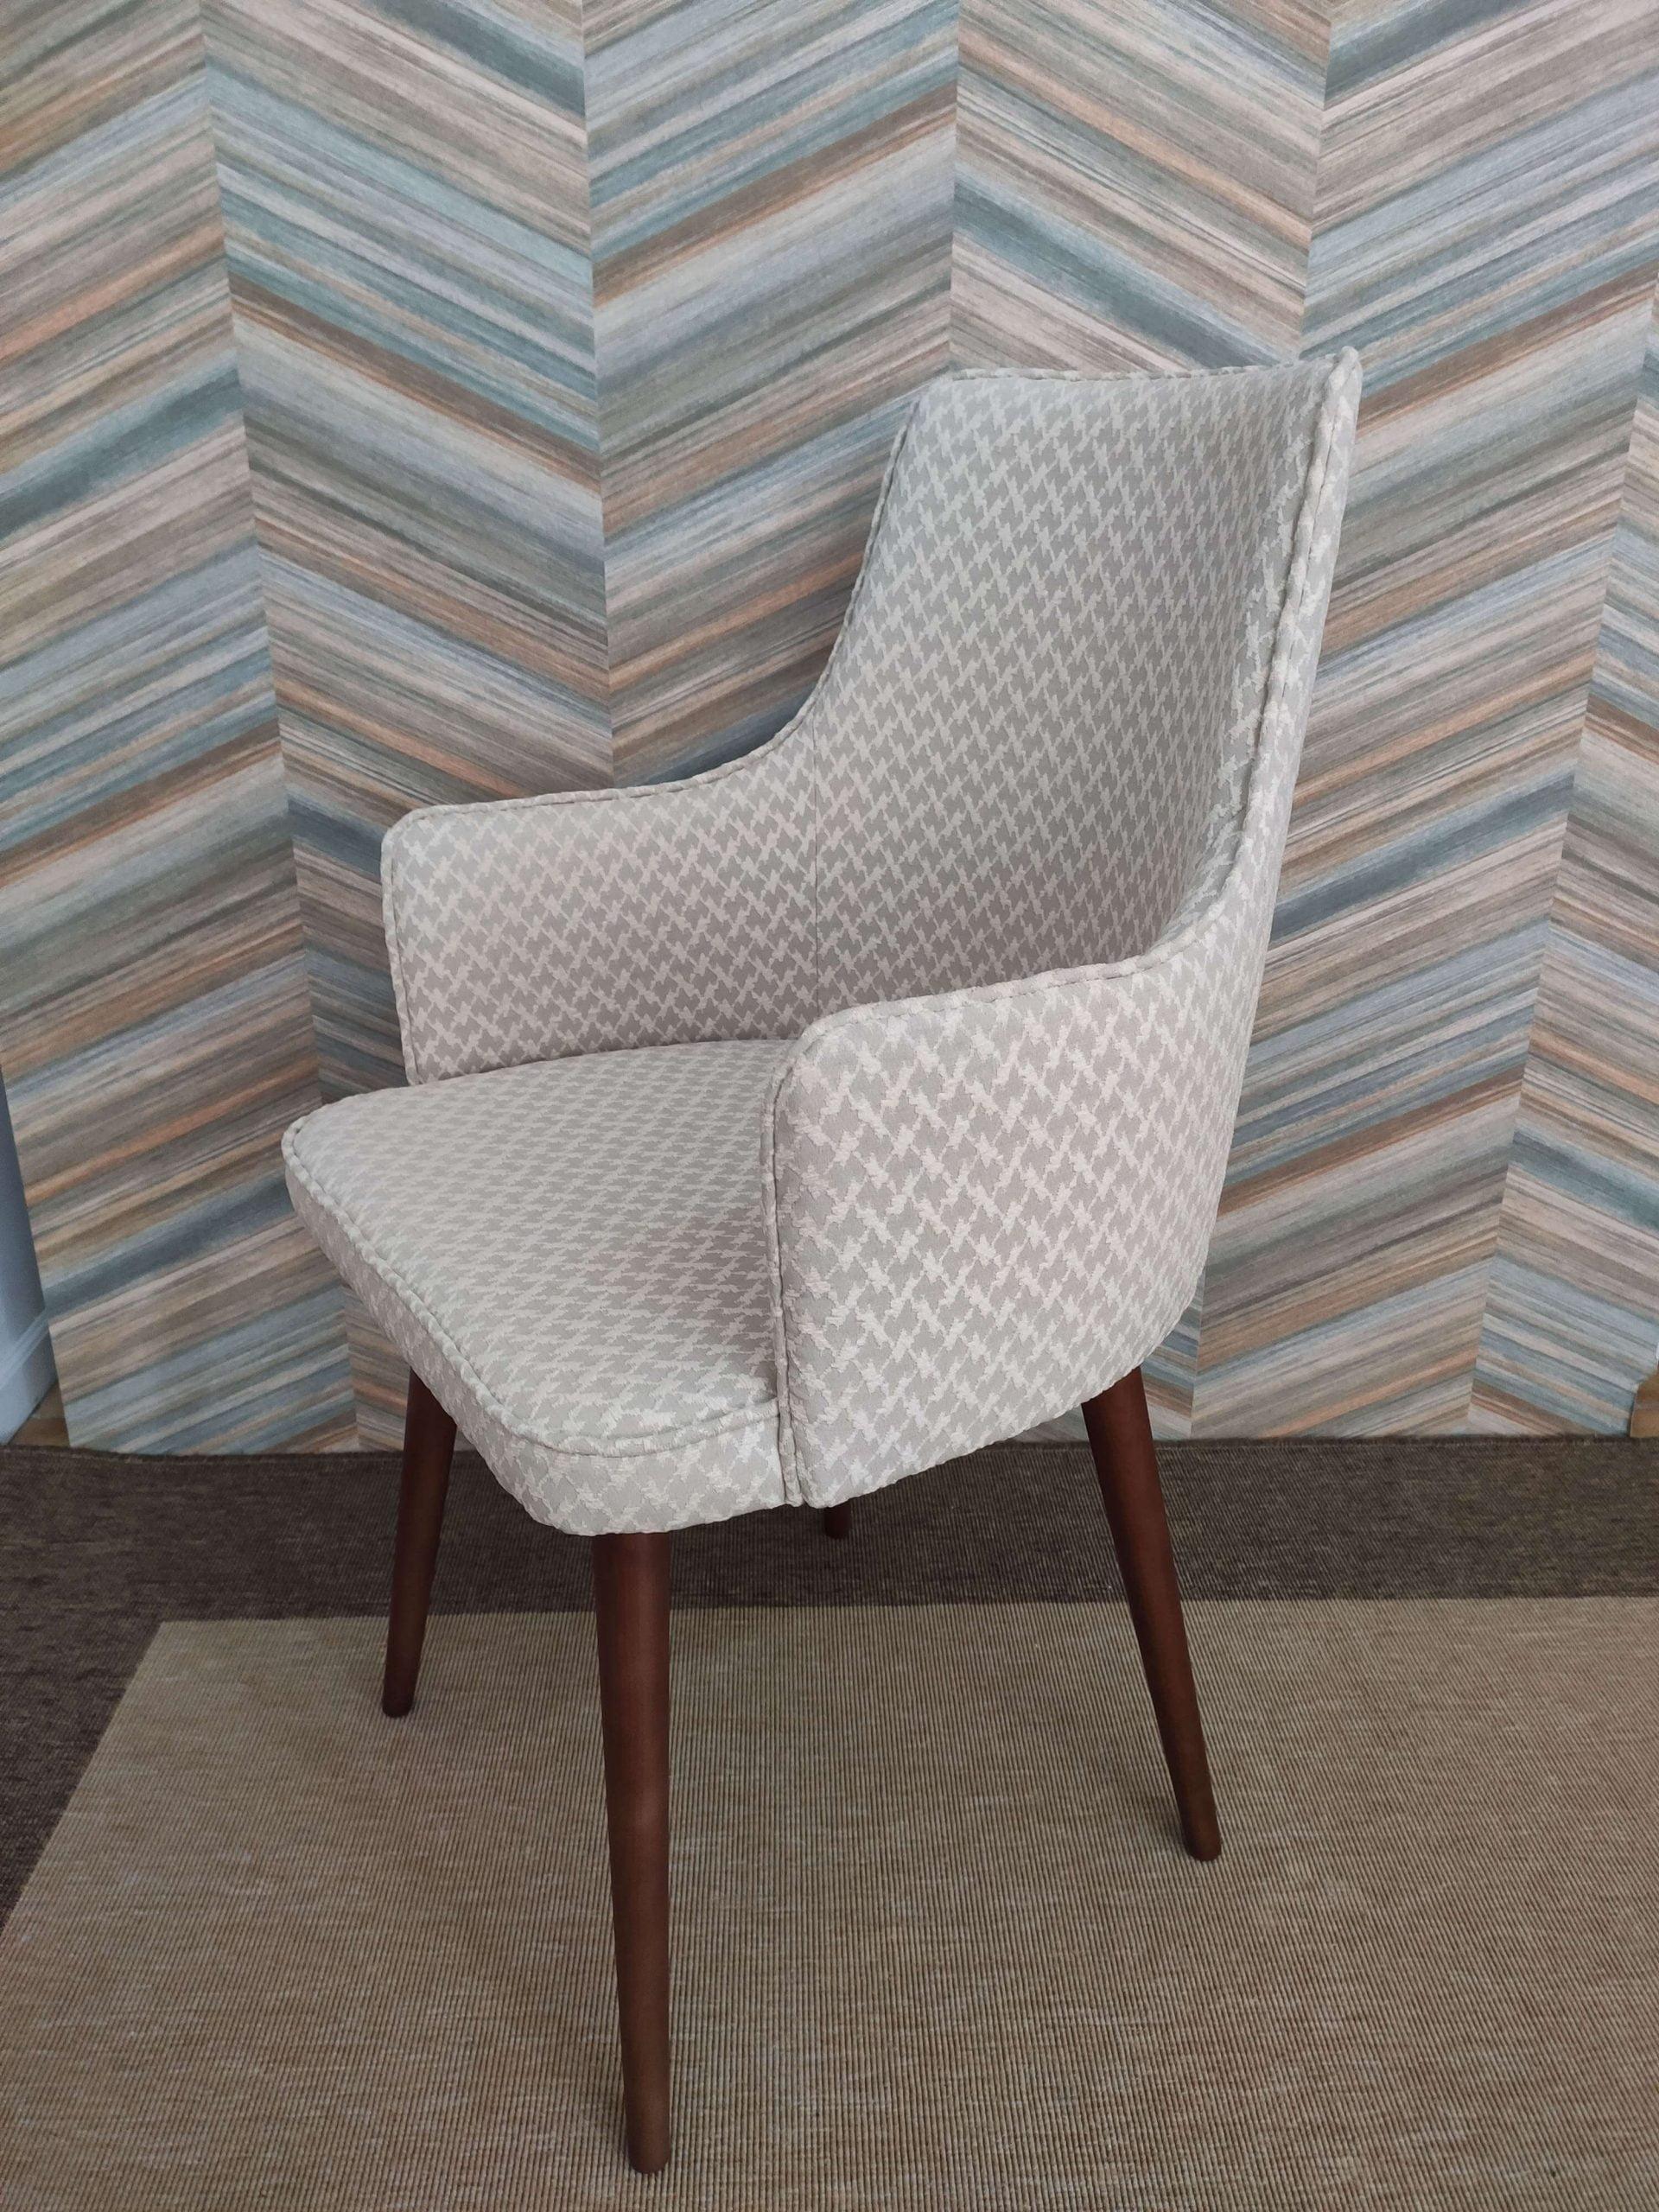 Cadeira Paris Mescla em tecido com textura bege e pes castanhos 3 scaled